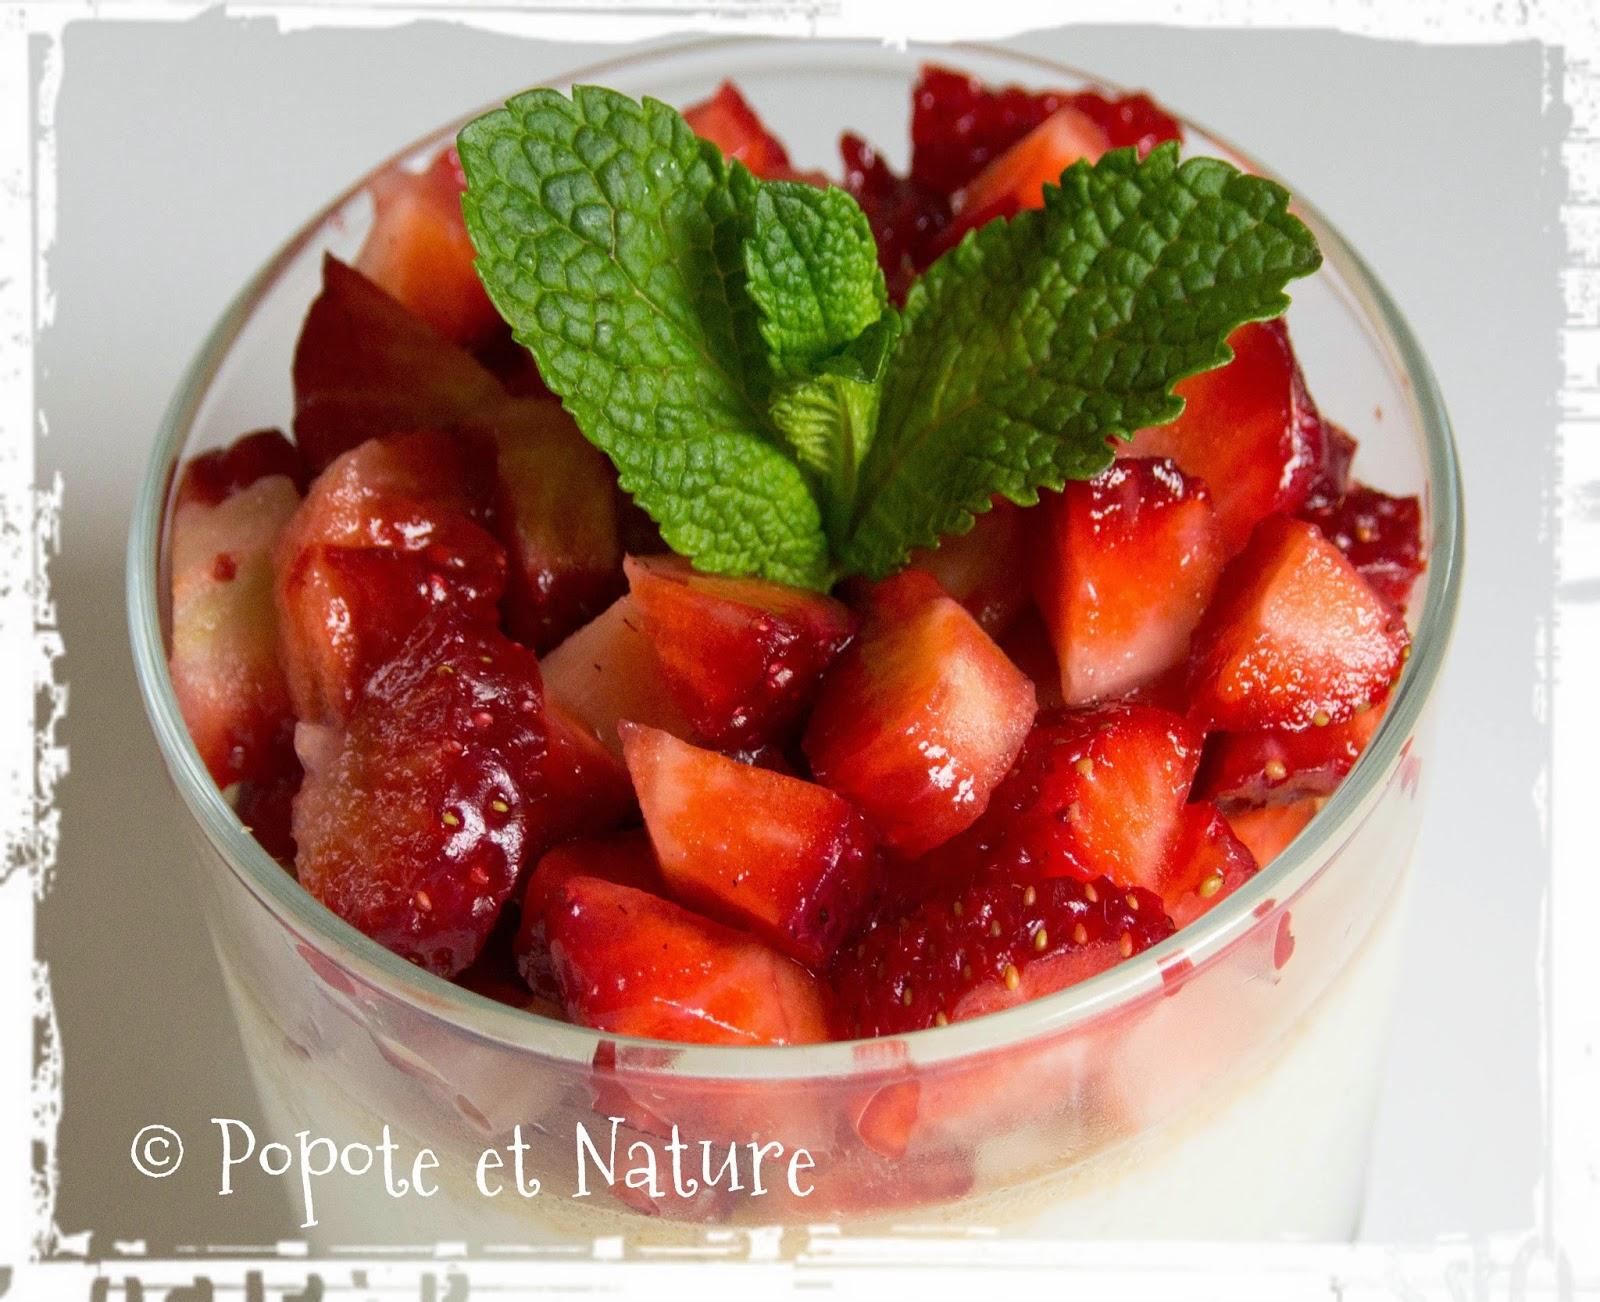 Popote et nature une panna cotta aux fraises fra ches sans agar agar et sans g latine - Panna cotta sans gelatine ...